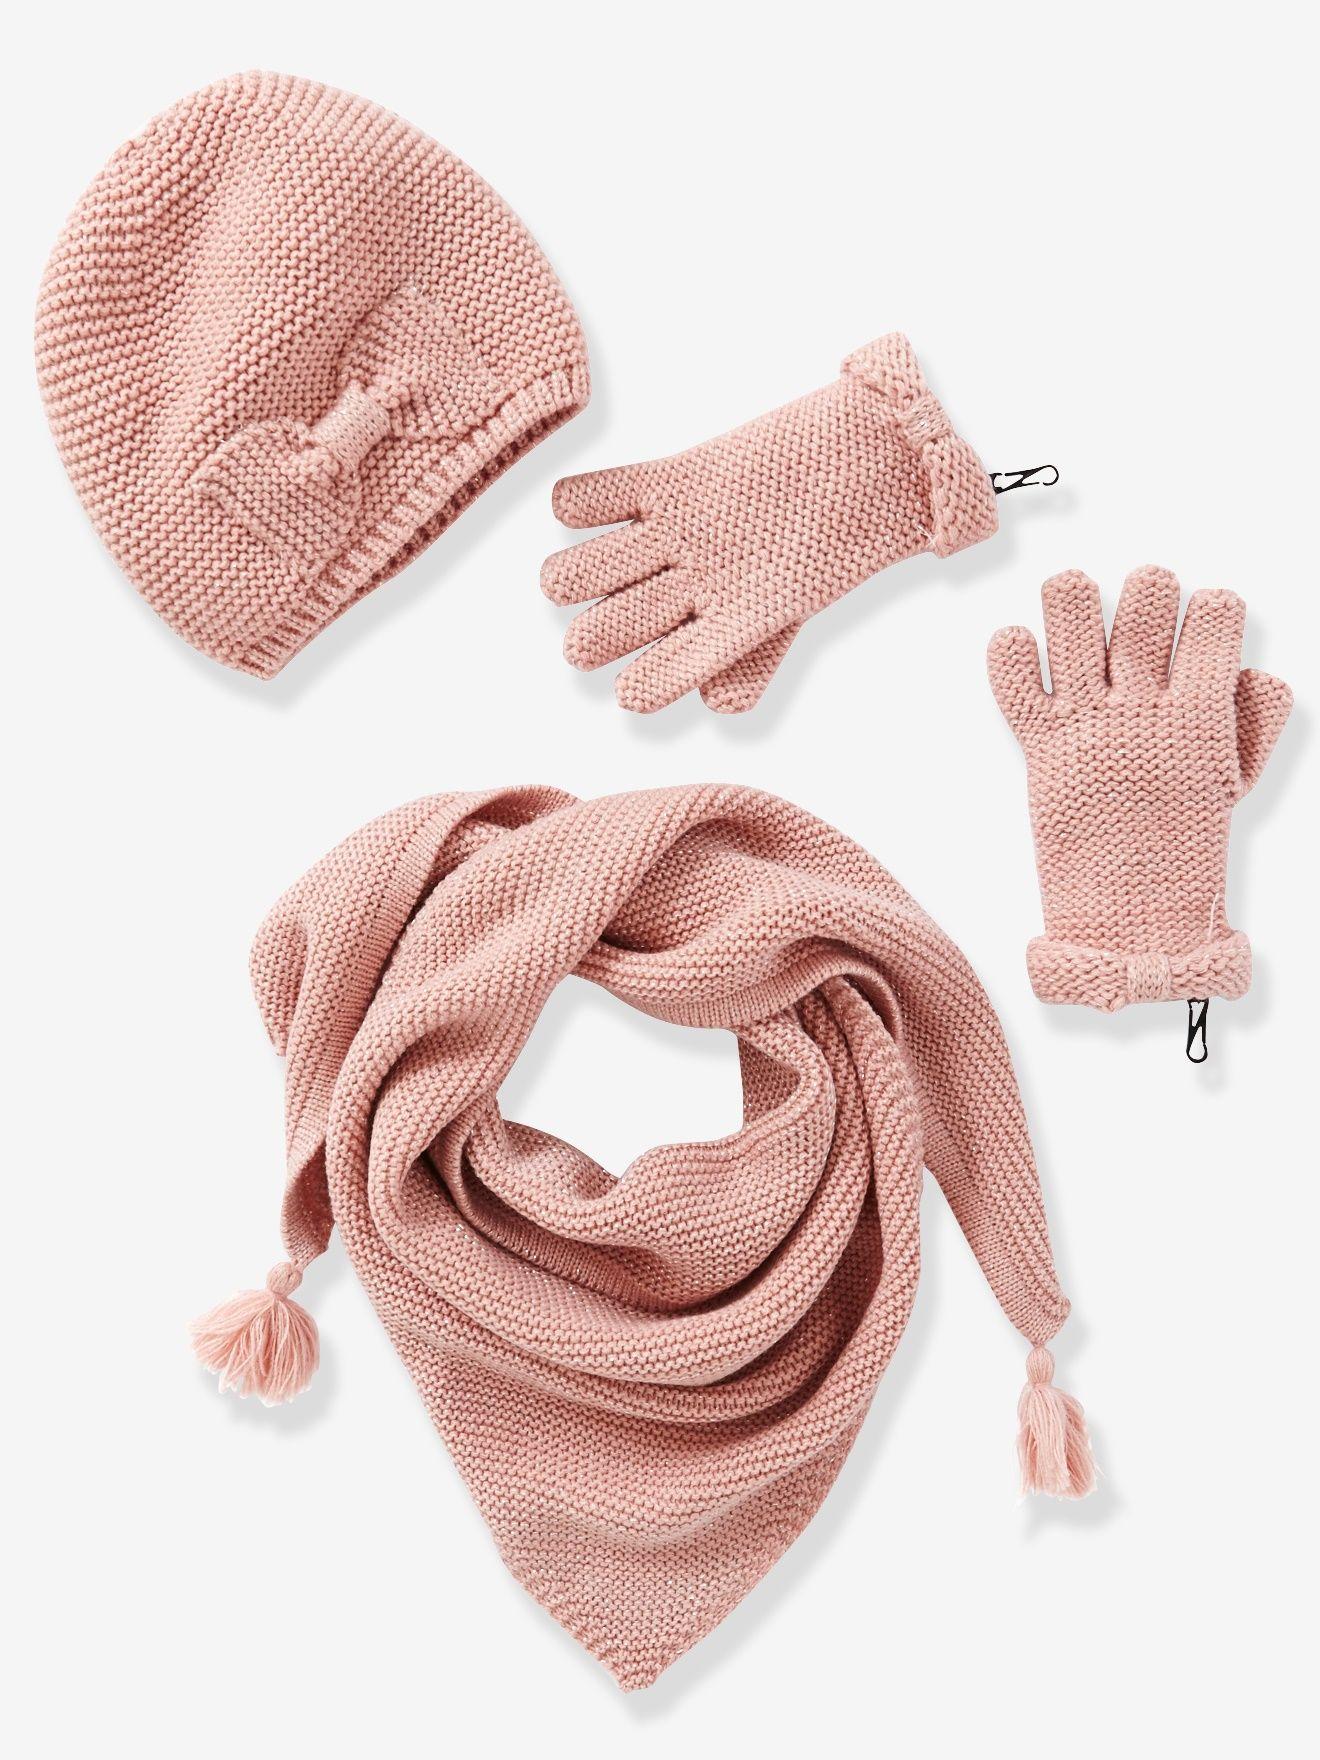 Conjunto bufanda + gorro + manoplas o guantes niña rosa grisaceo - Un  bonito conjunto muy 689c7d60f3d